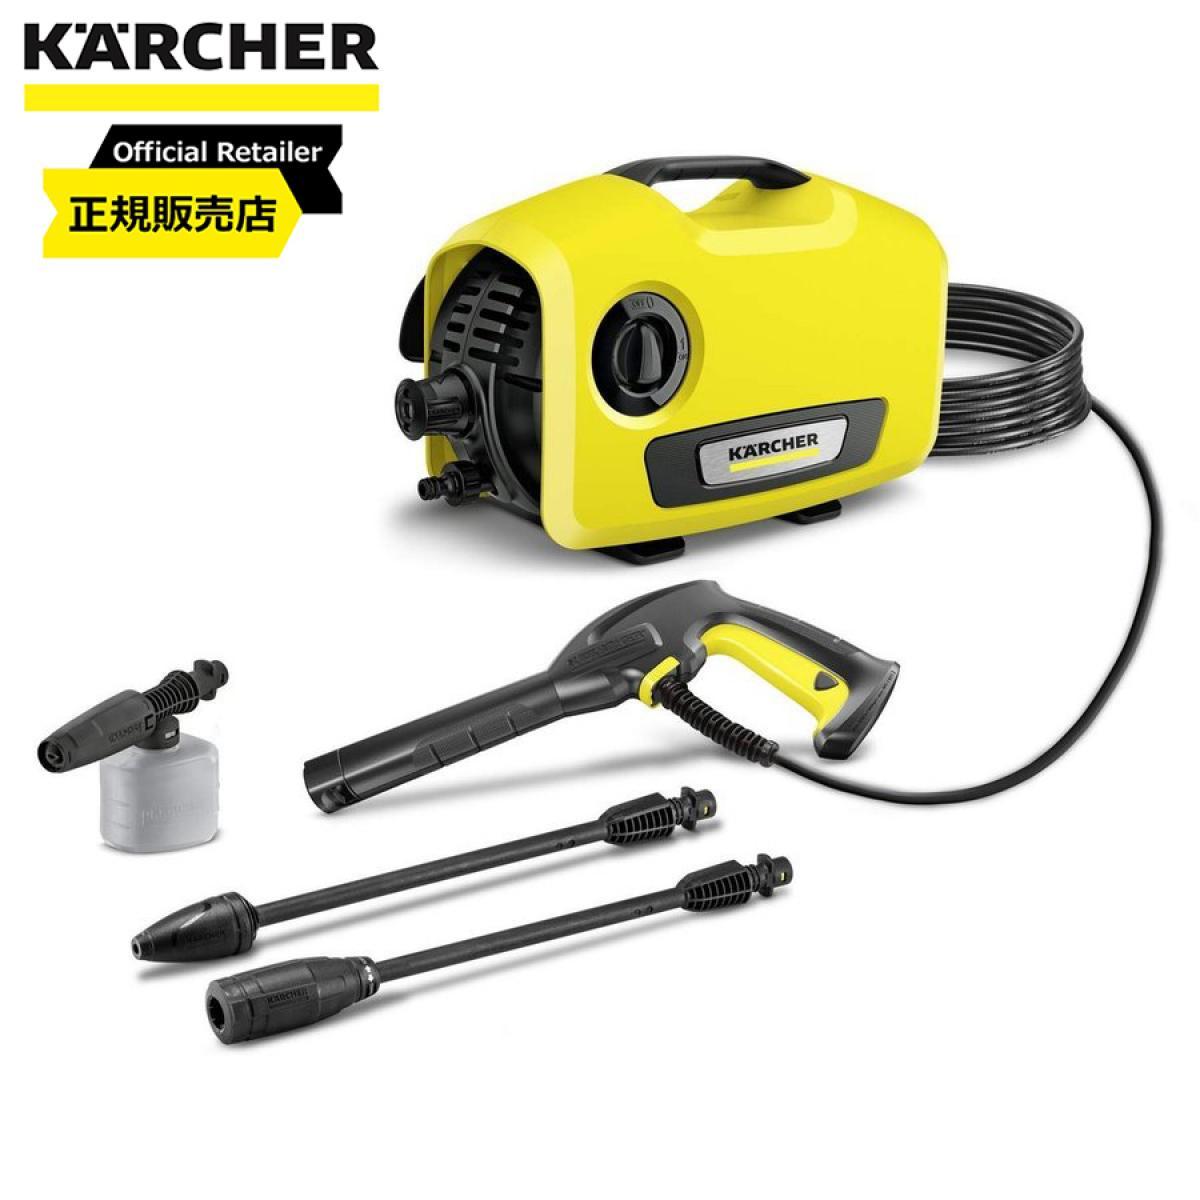 【エントリーでポイント9倍】ケルヒャー(Karcher) 高圧洗浄機 K 2 サイレント 1.600-920.0【静音モデル】【05/09 20:00~05/16 01:59】